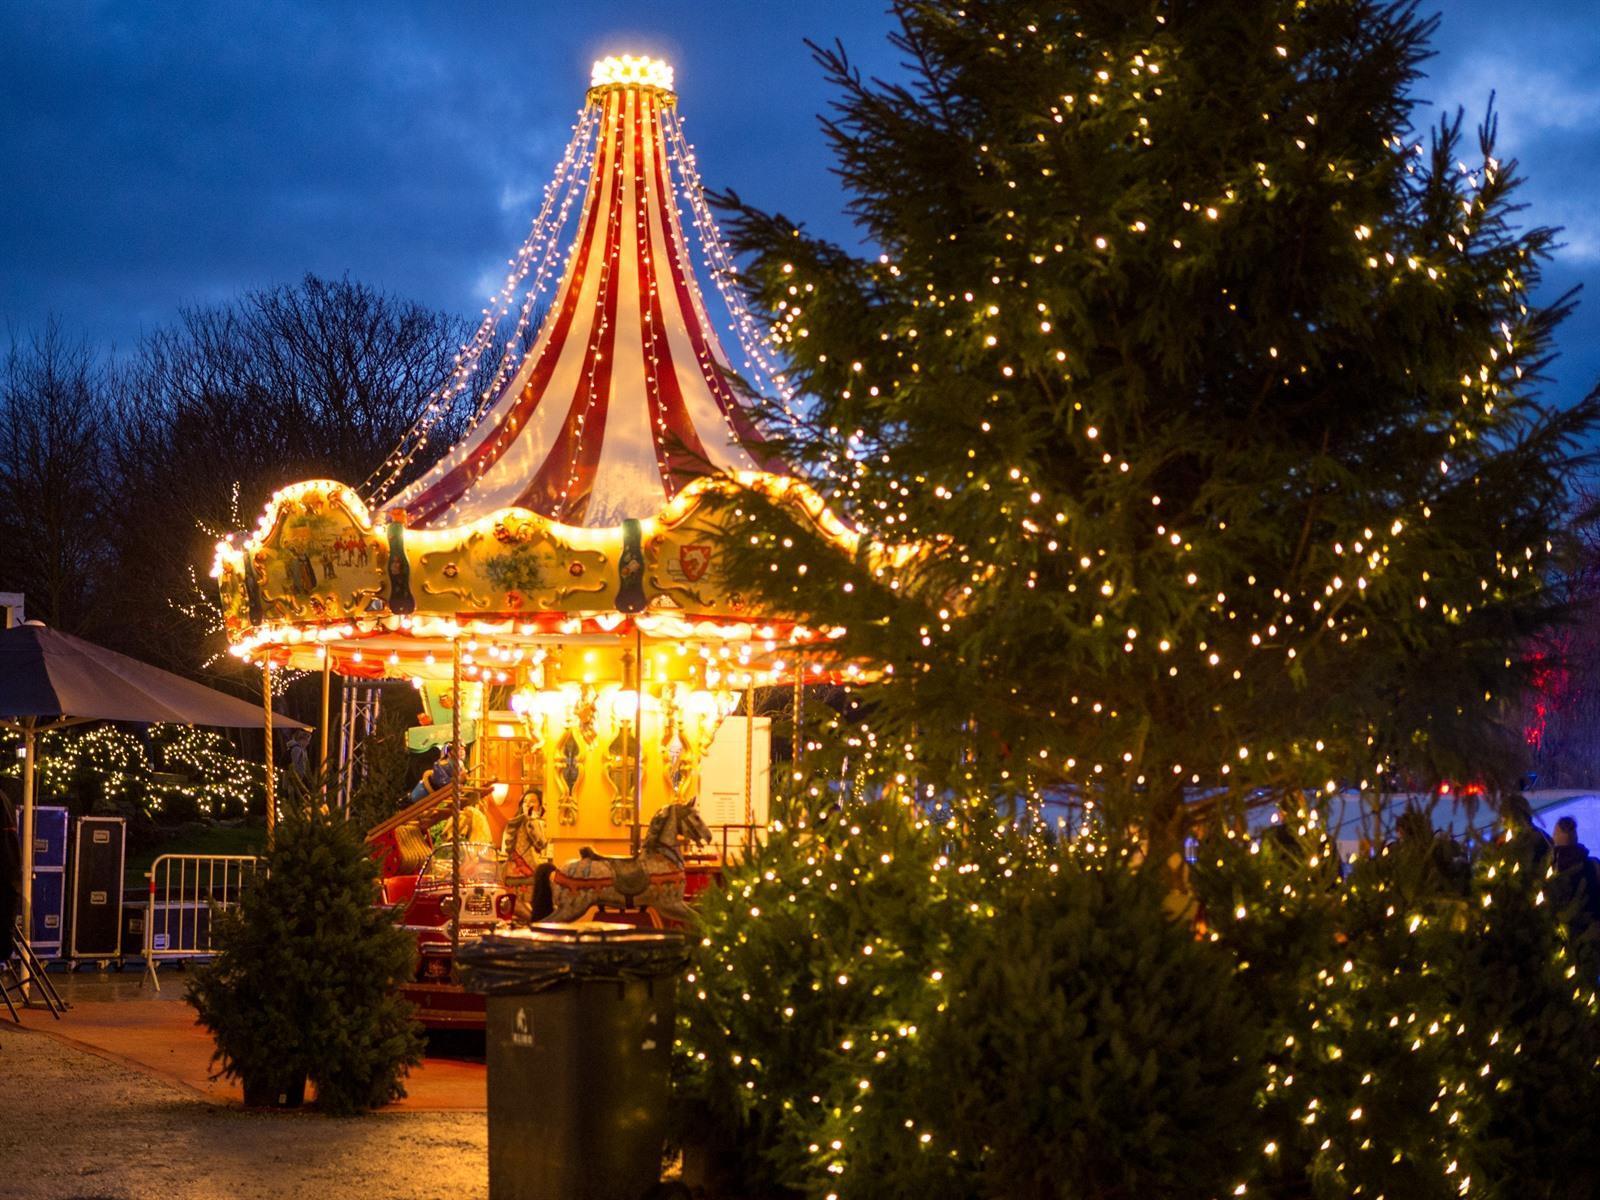 Kerstmarkt Hasselt 2019 Bezoeken Wandeling Langs De Kerstmarkten